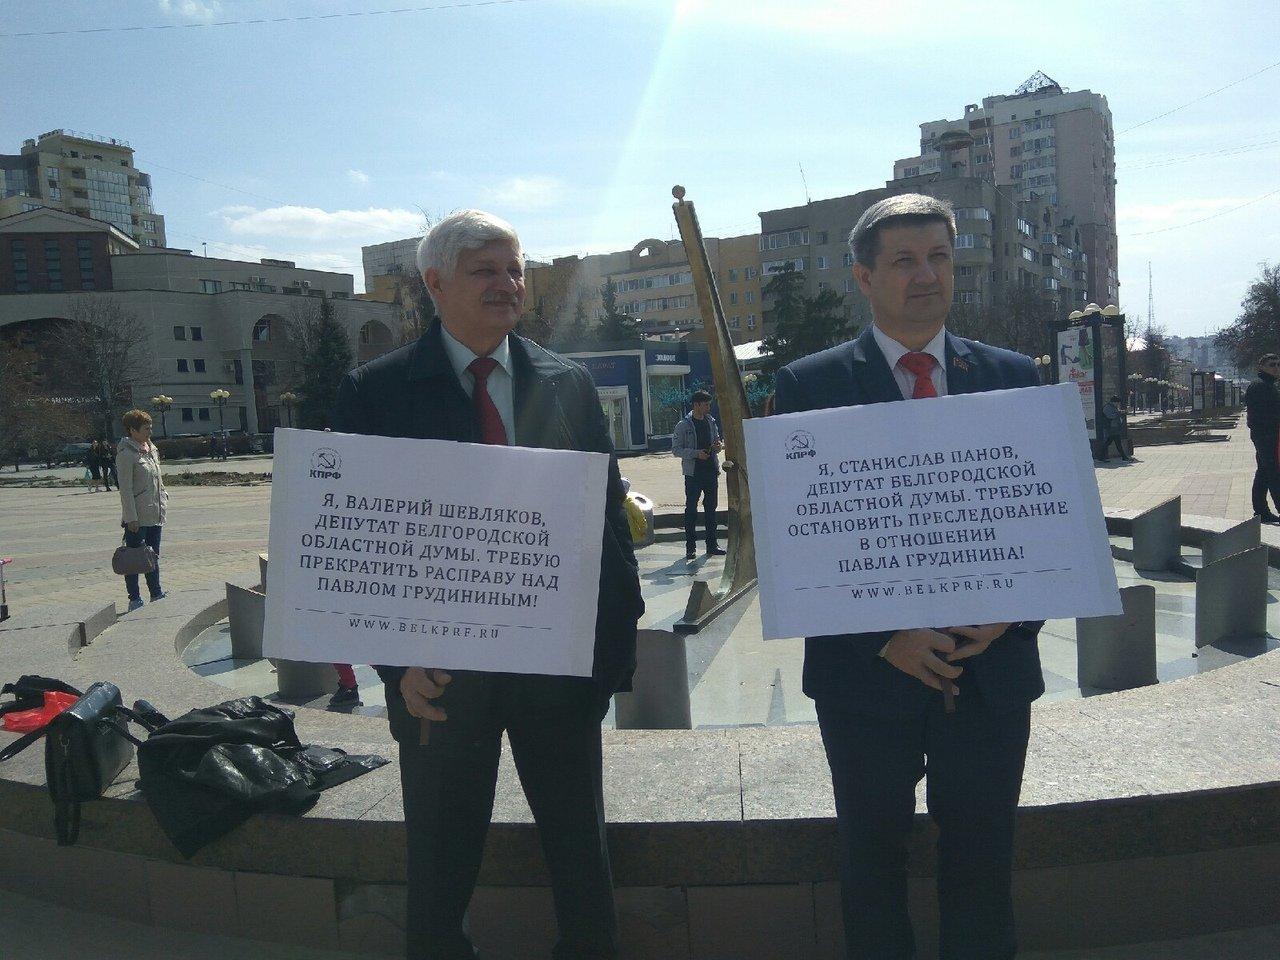 Белгородские депутаты вышли на пикет в защиту Павла Грудинина, фото-1, Фото Дарьи Клоповской